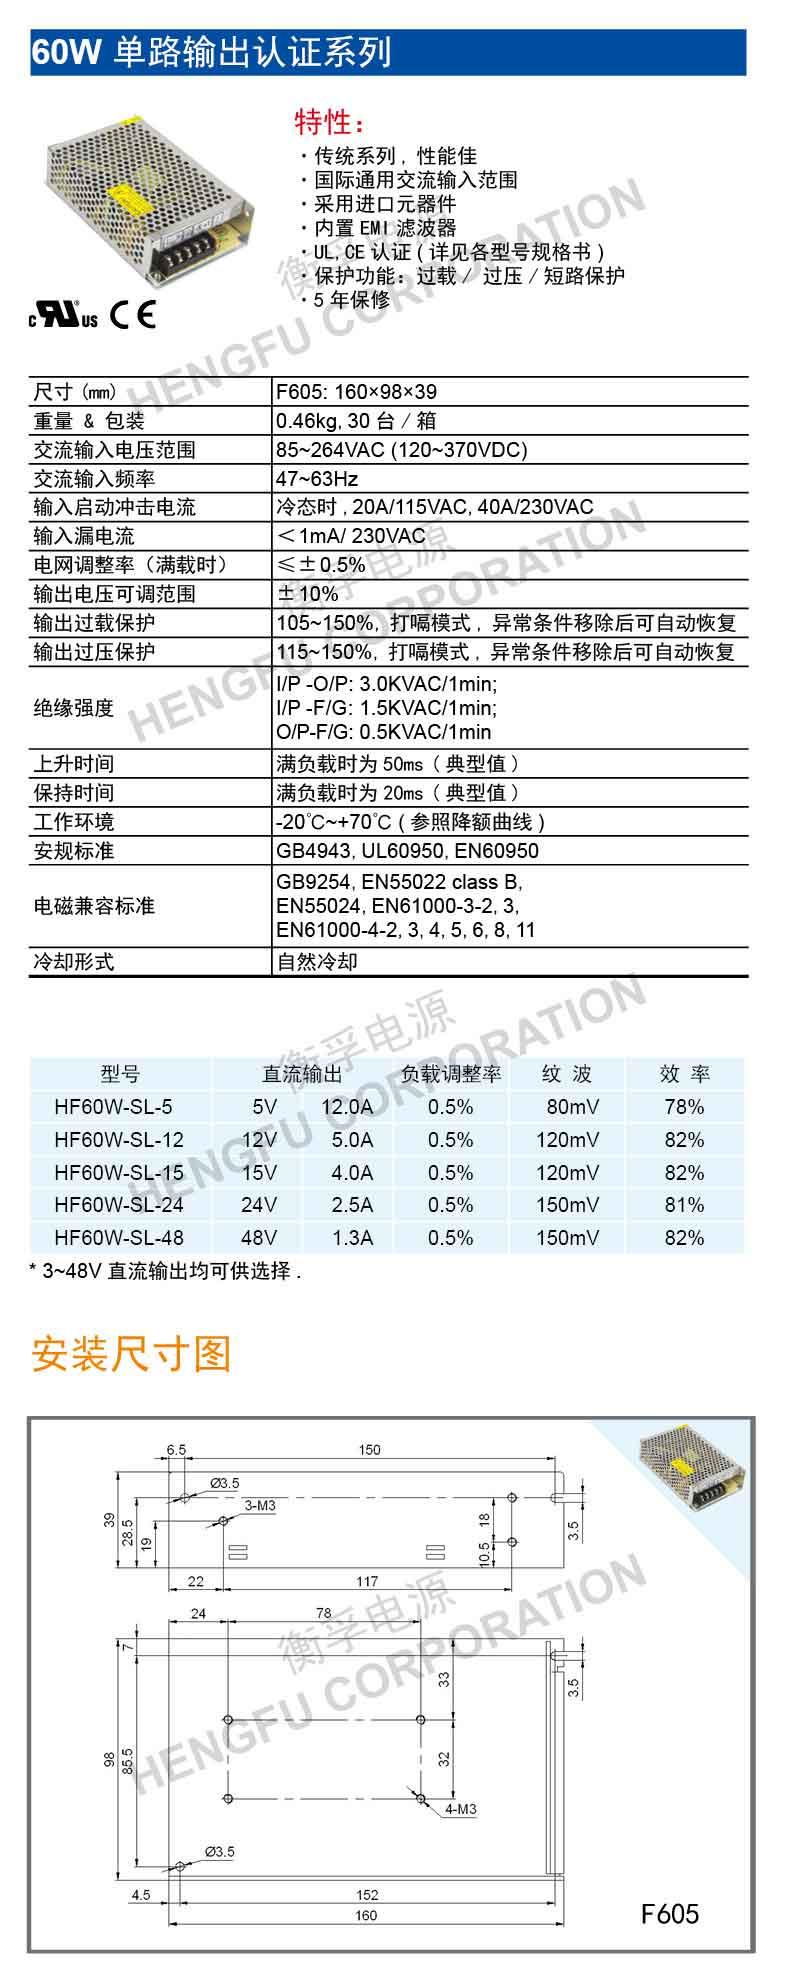 HF60W-SL中文.jpg